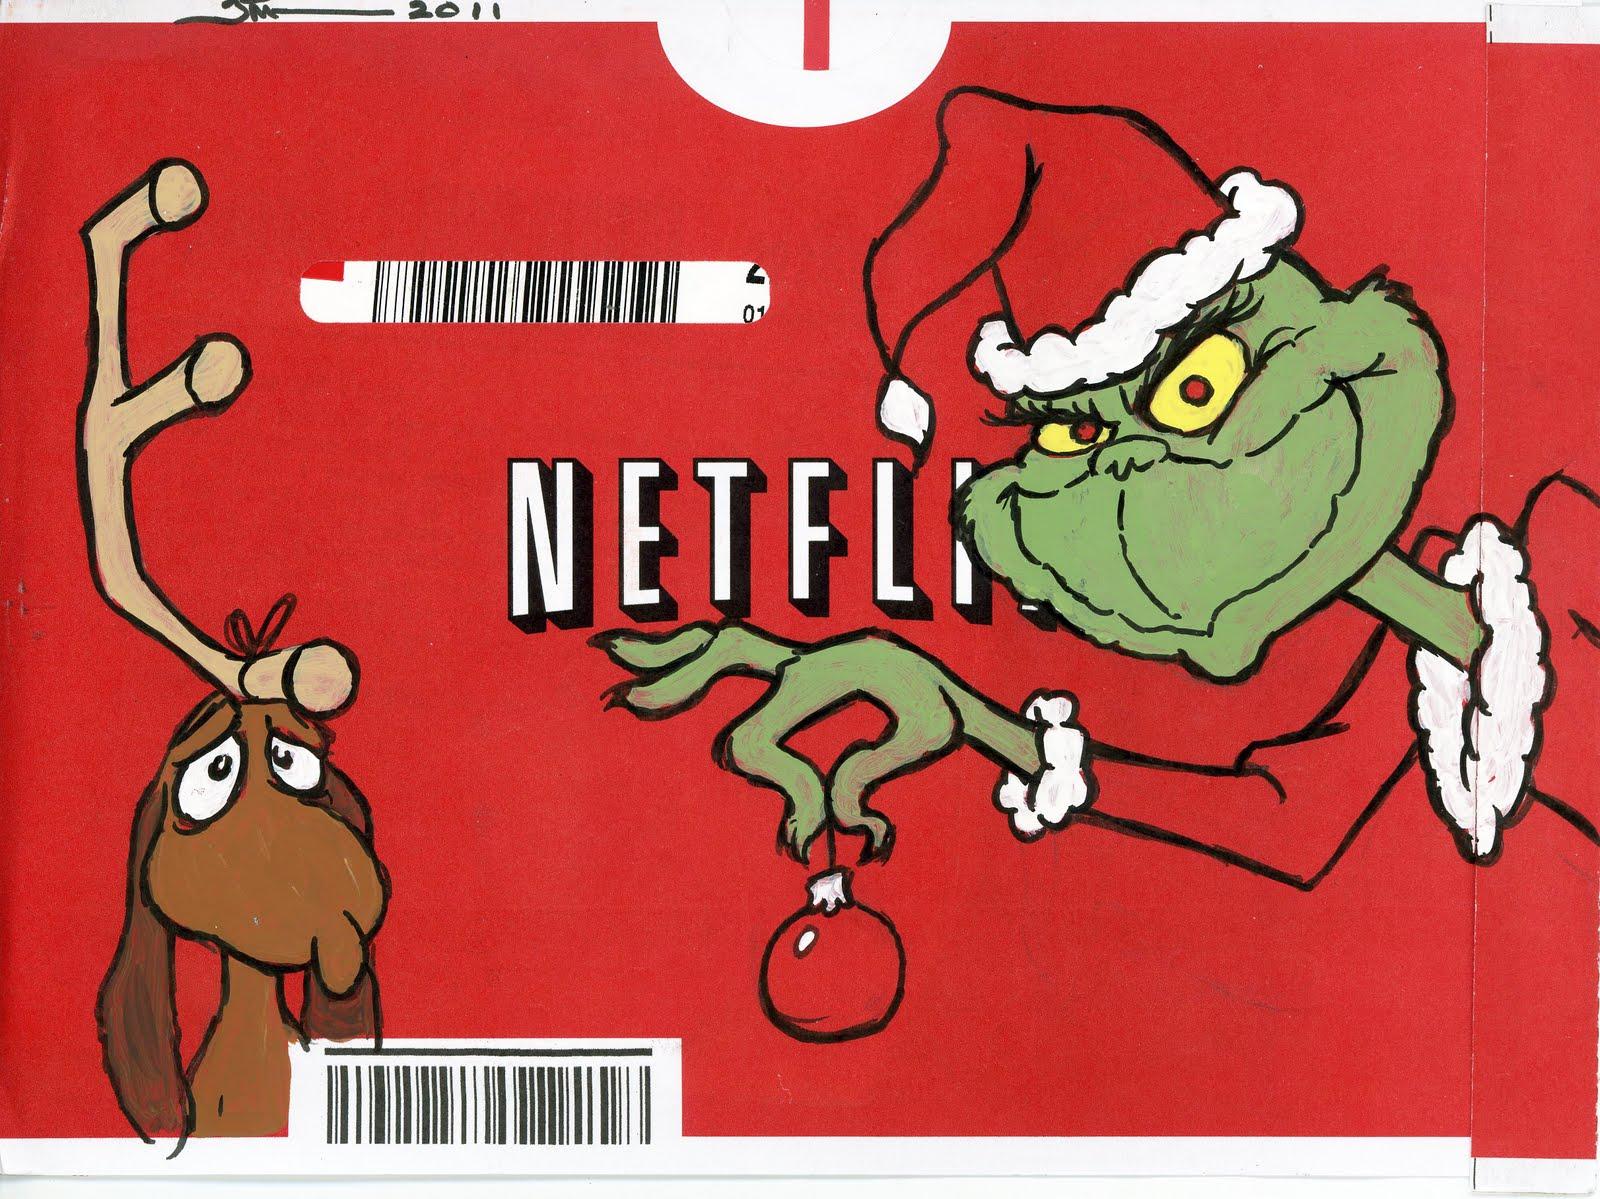 Grinch Netflix